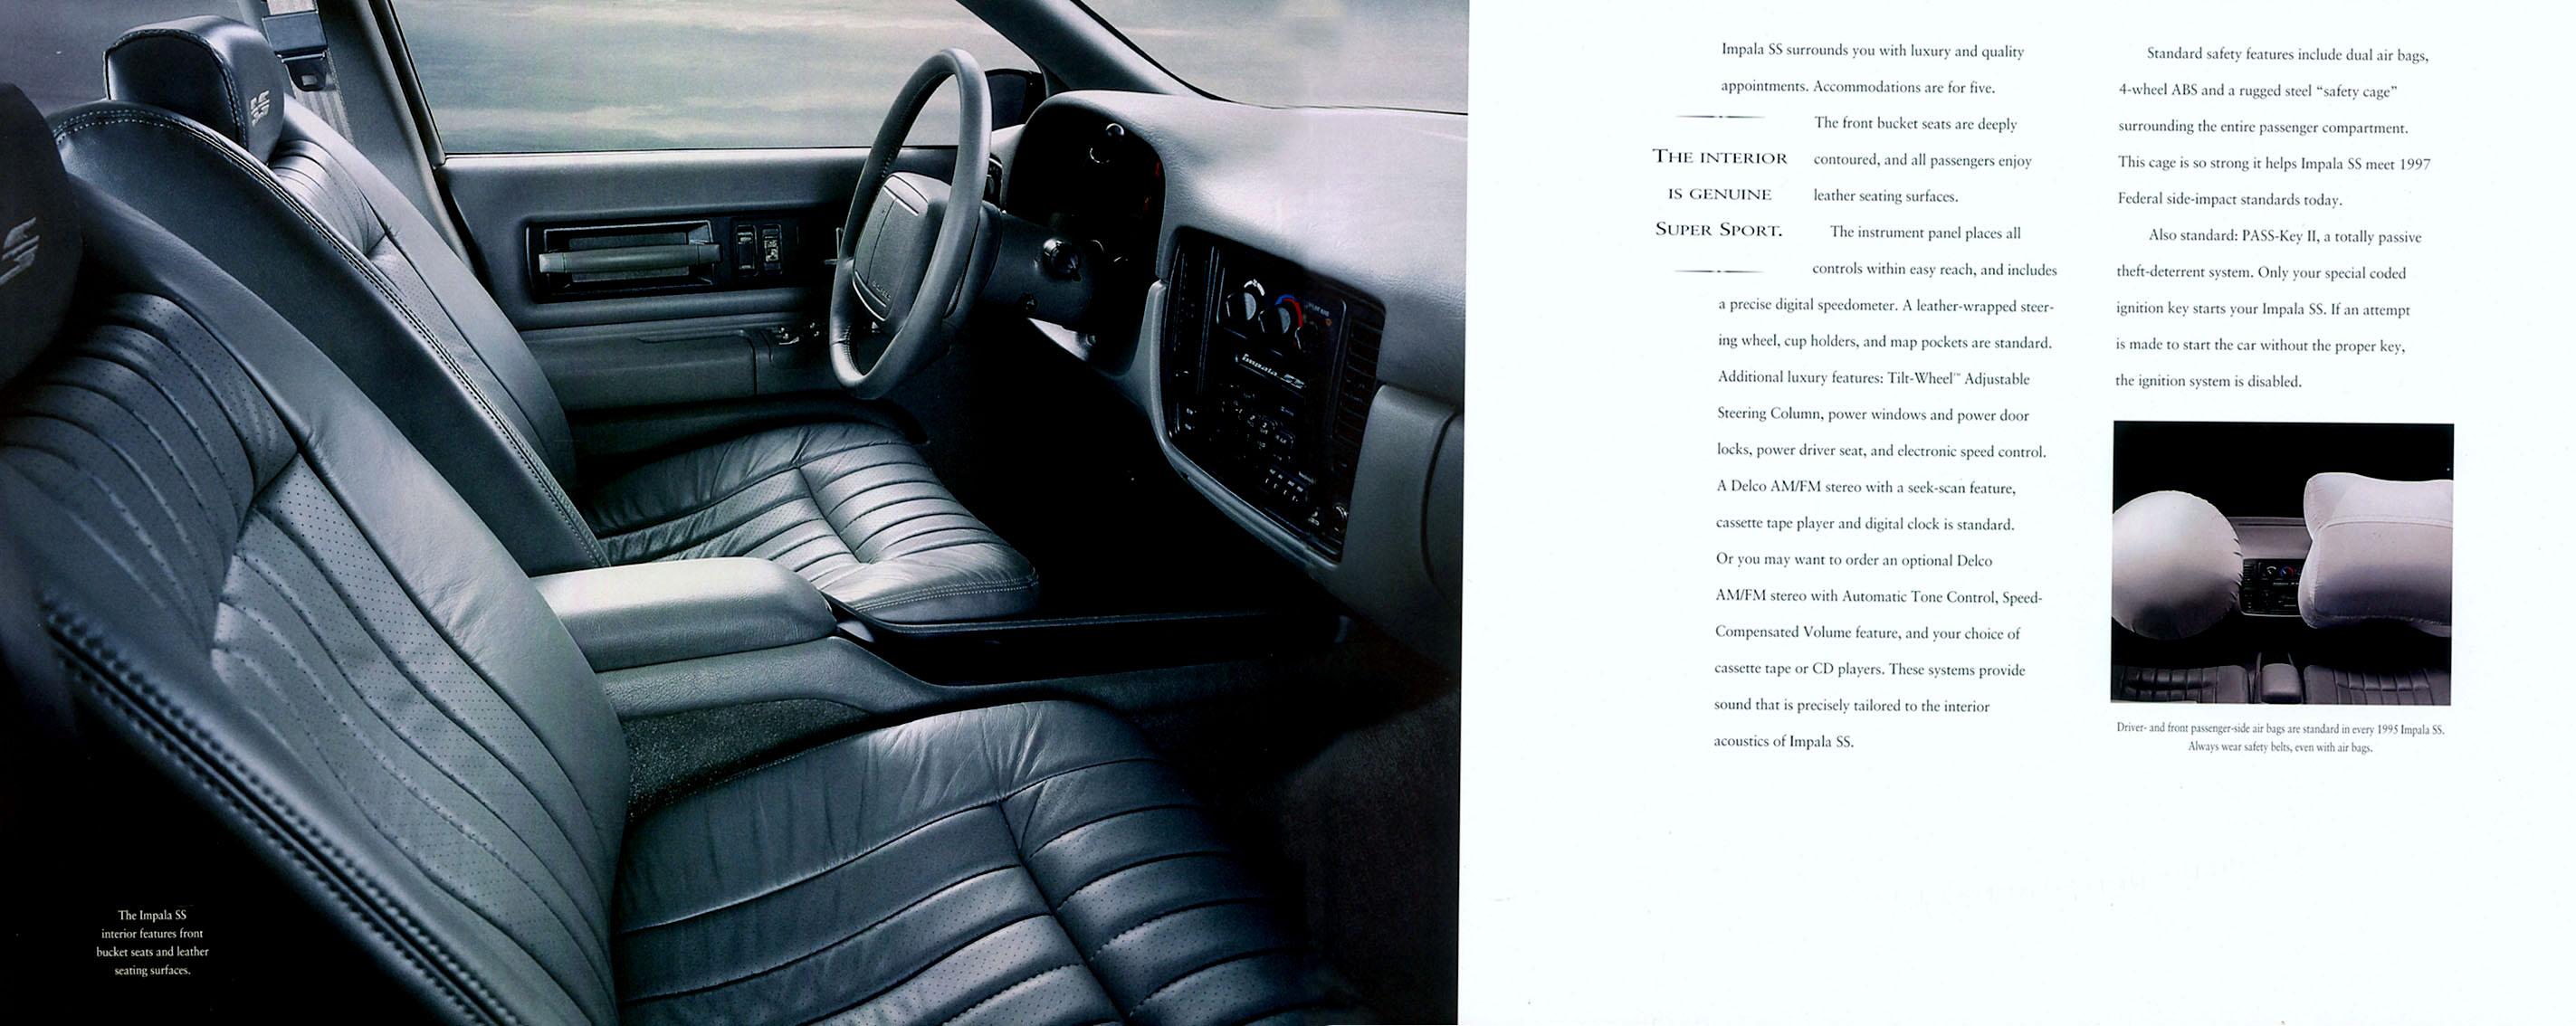 1995 Chevrolet Impala SS Chevy